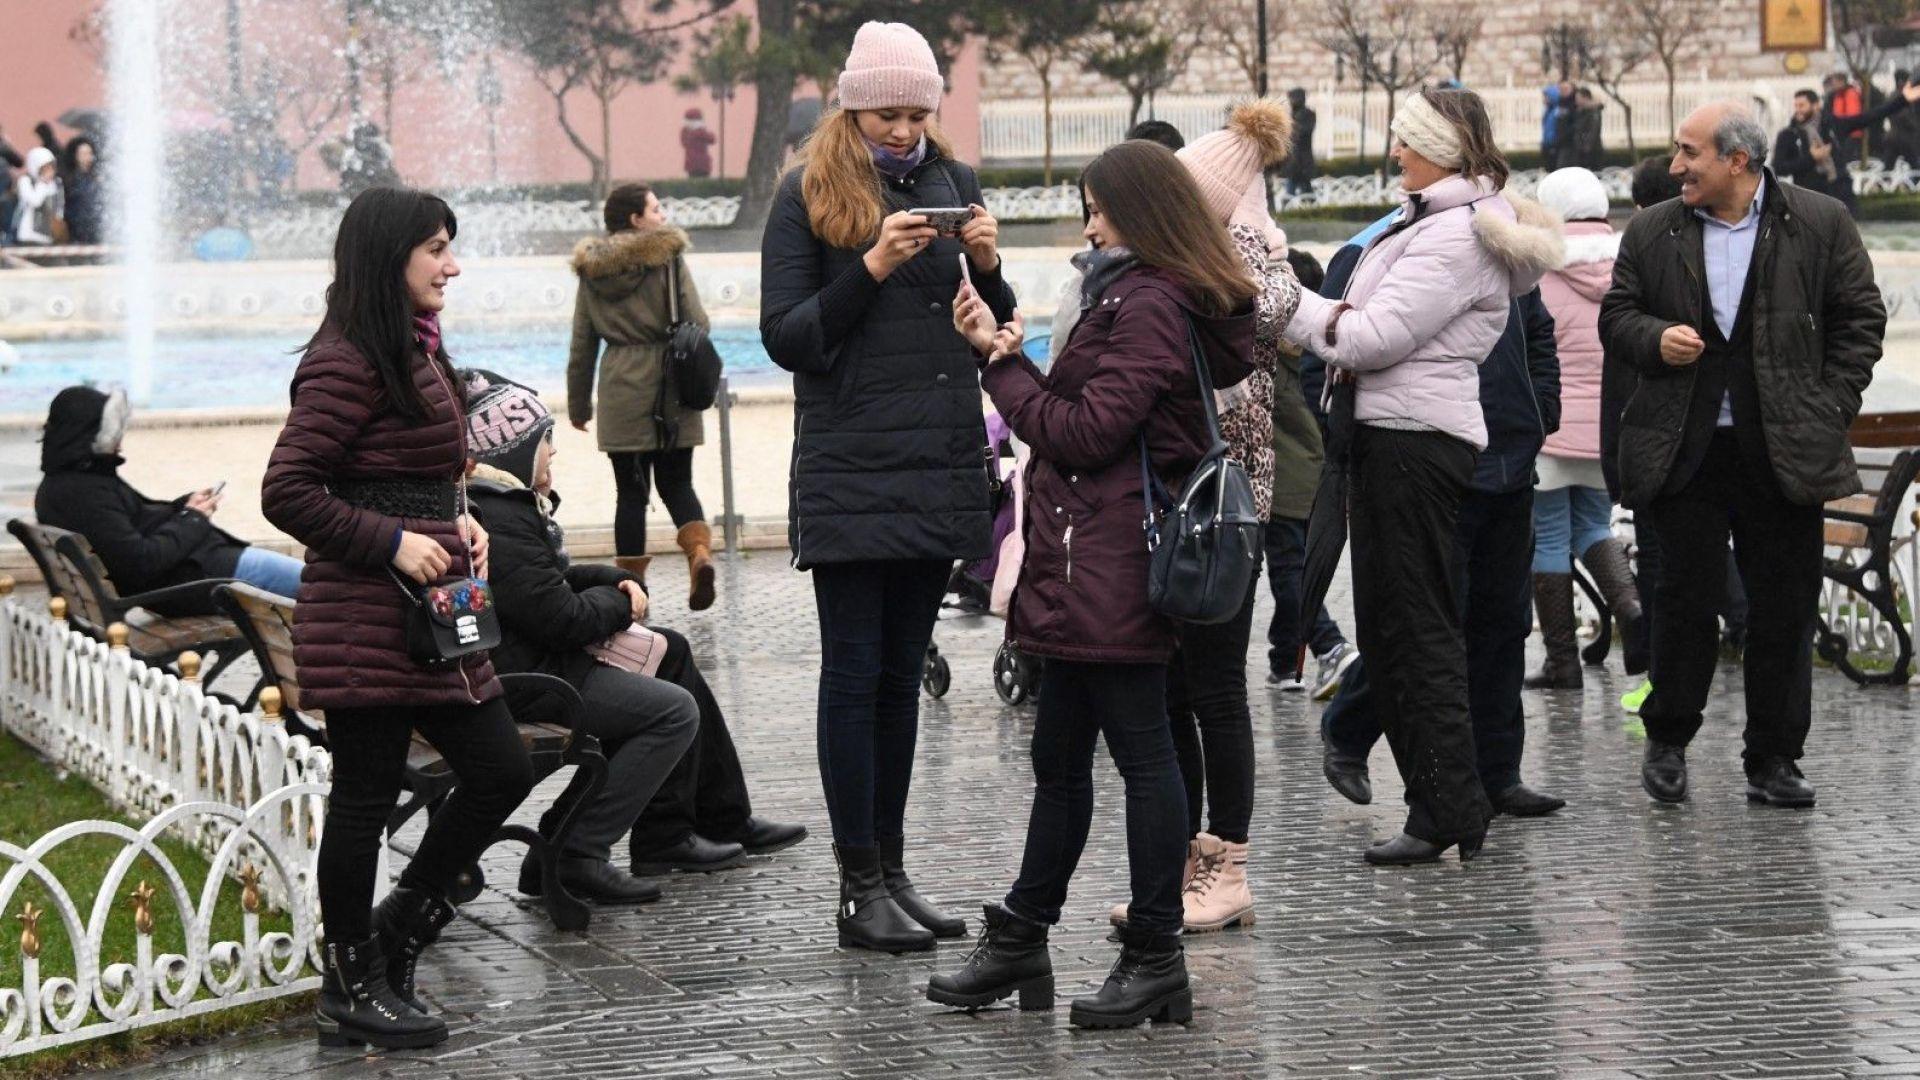 Германски журналисти препоръчаха  на репортери и блогъри да не пътуват в Турция